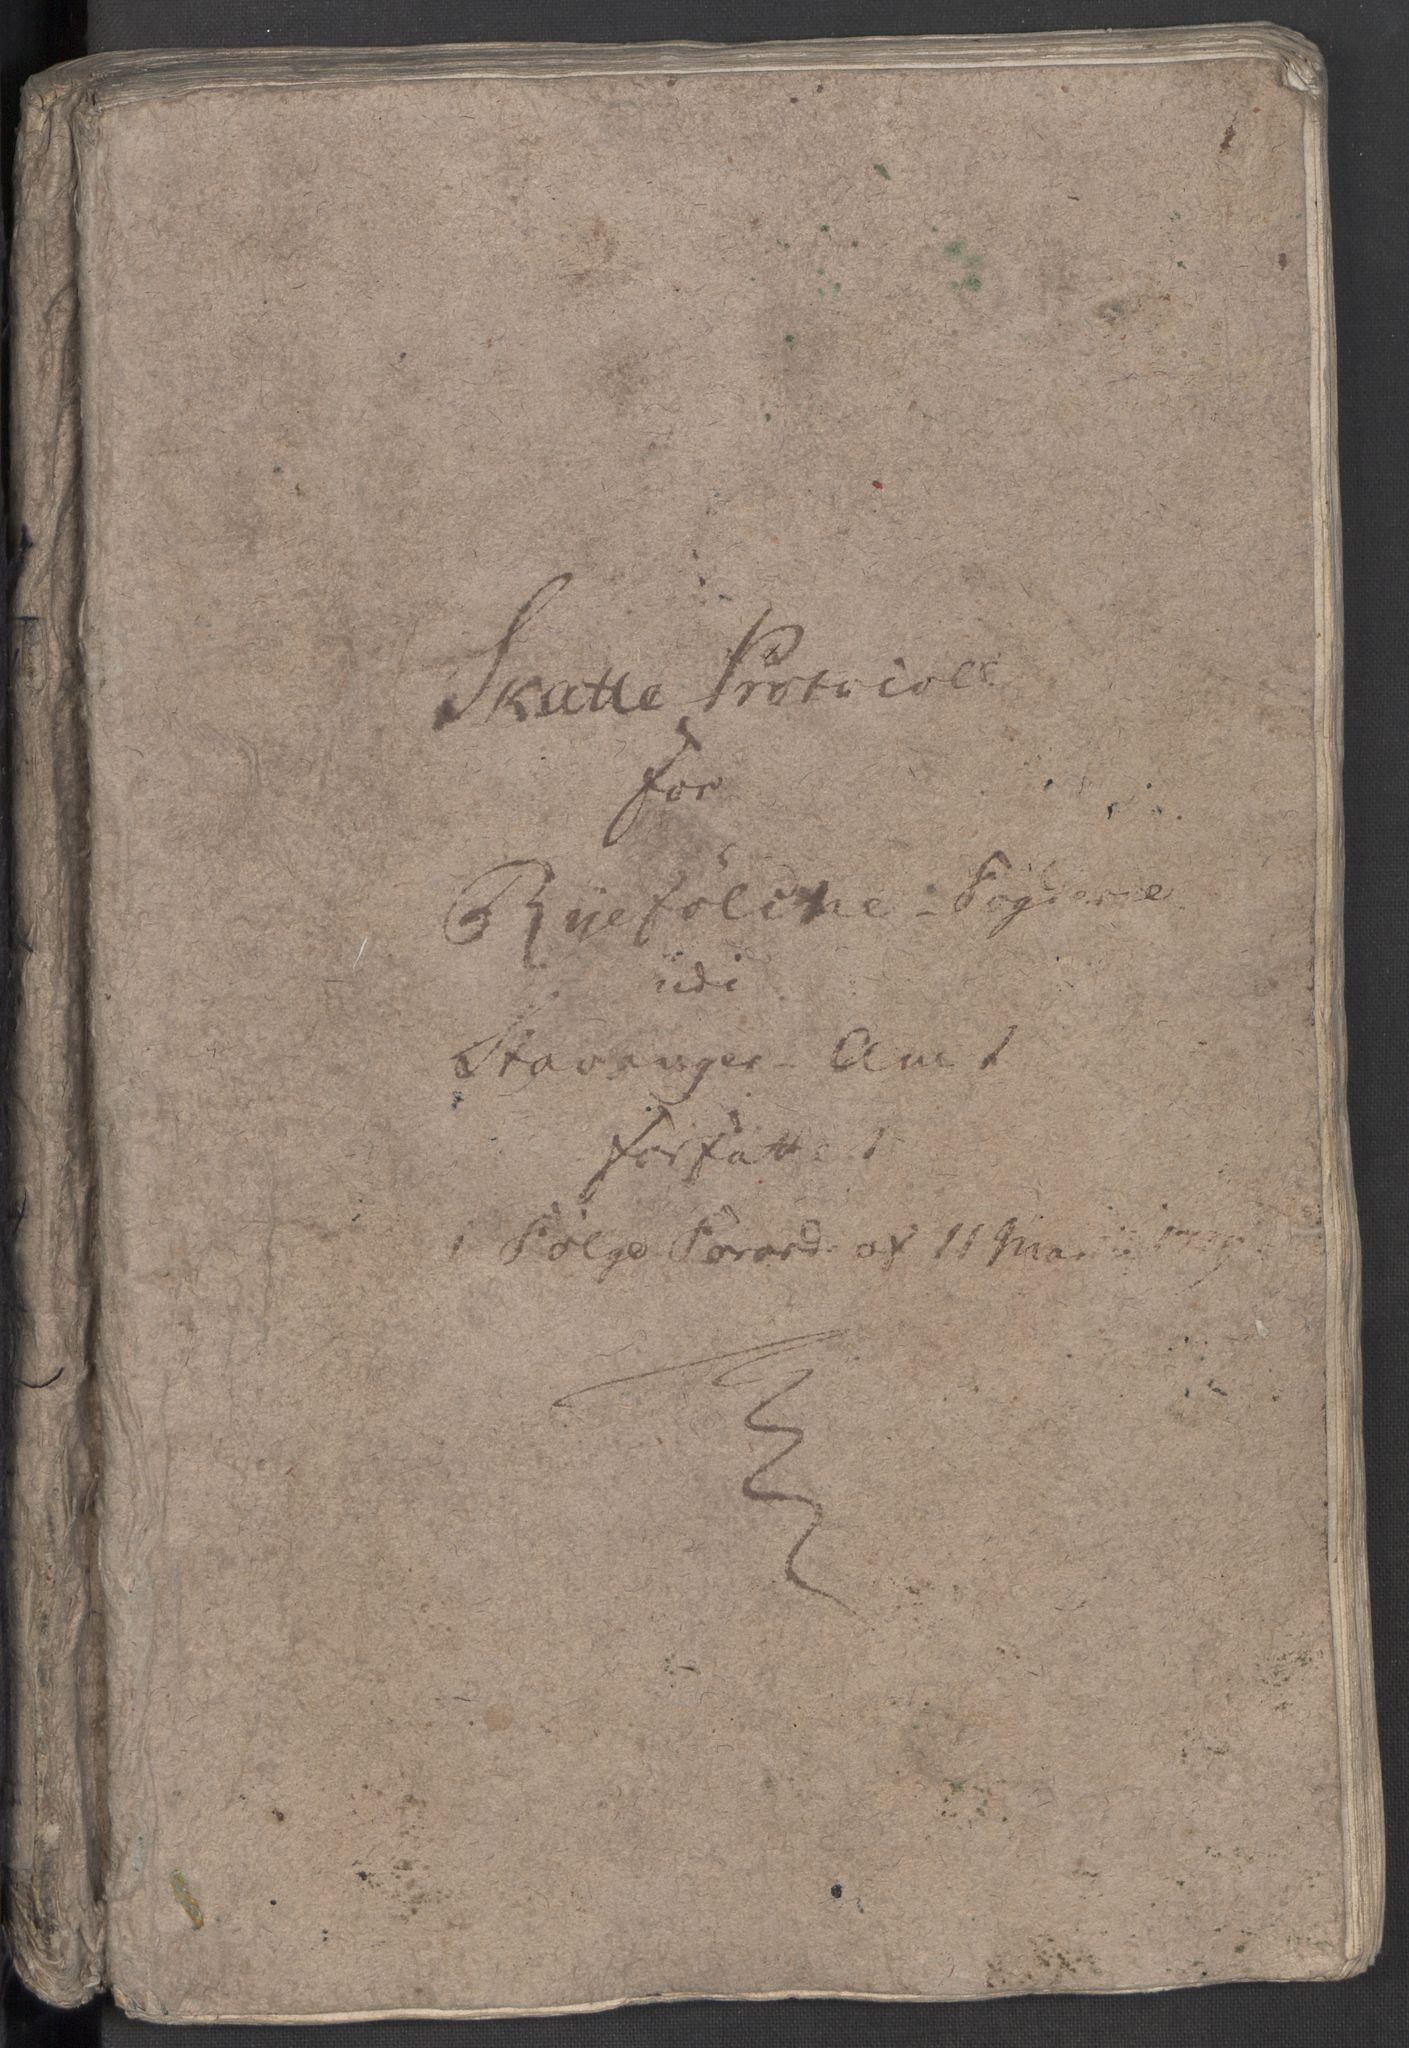 RA, Rentekammeret inntil 1814, Reviderte regnskaper, Mindre regnskaper, Rf/Rfe/L0040: Ryfylke fogderi, Råbyggelaget fogderi, Salten fogderi, 1789, s. 3